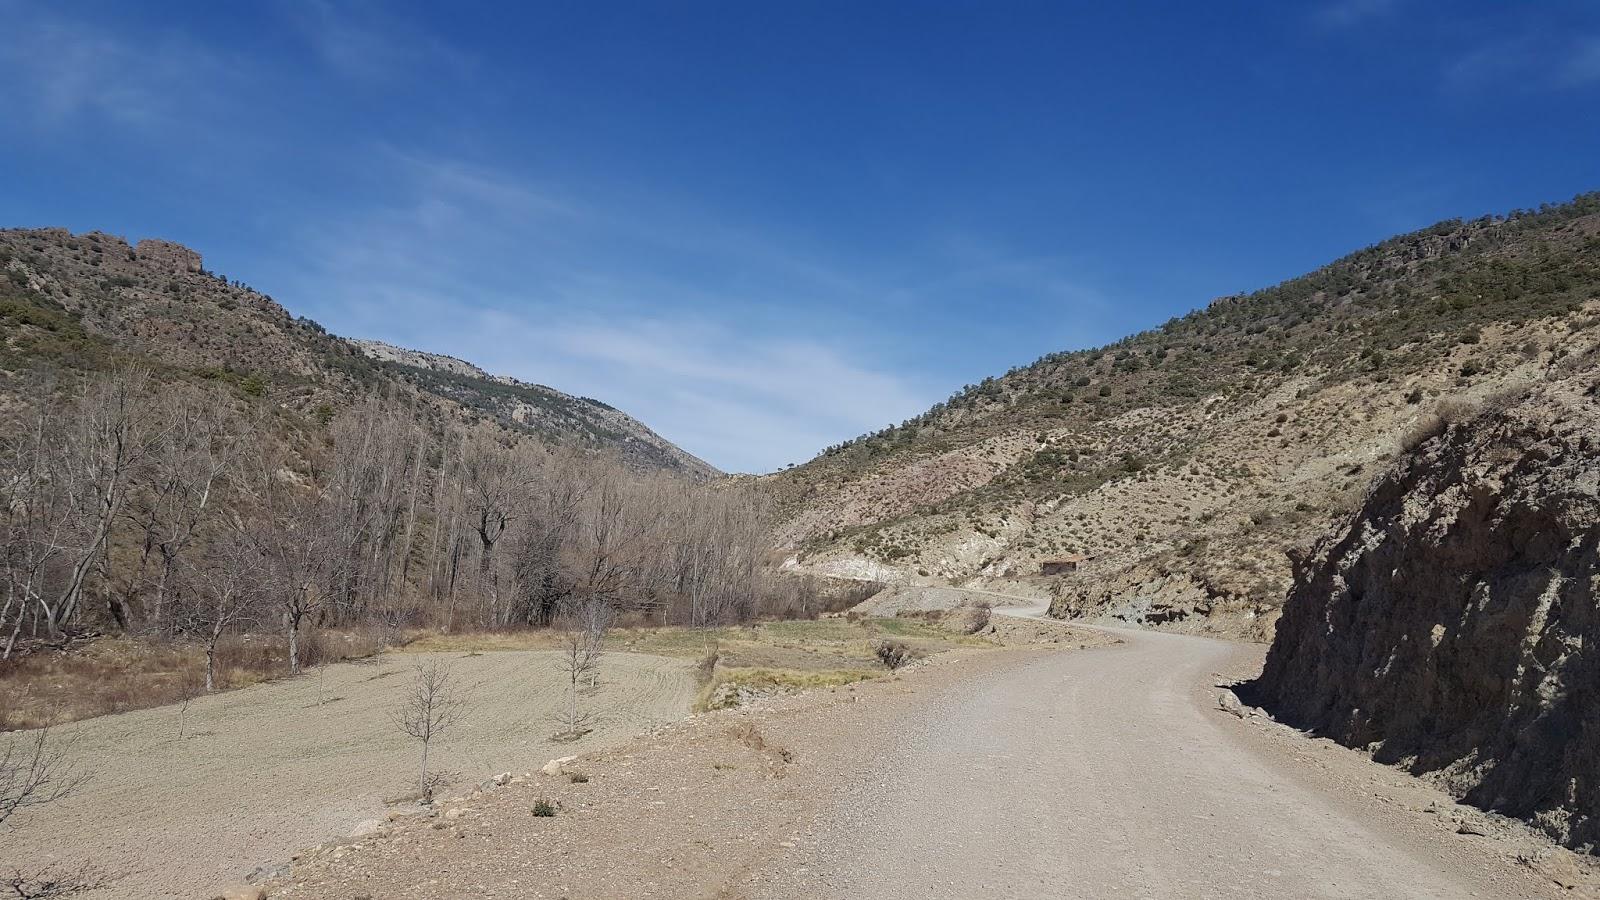 Gravel track following course of Rio Arcos, Arcos de las Salinas